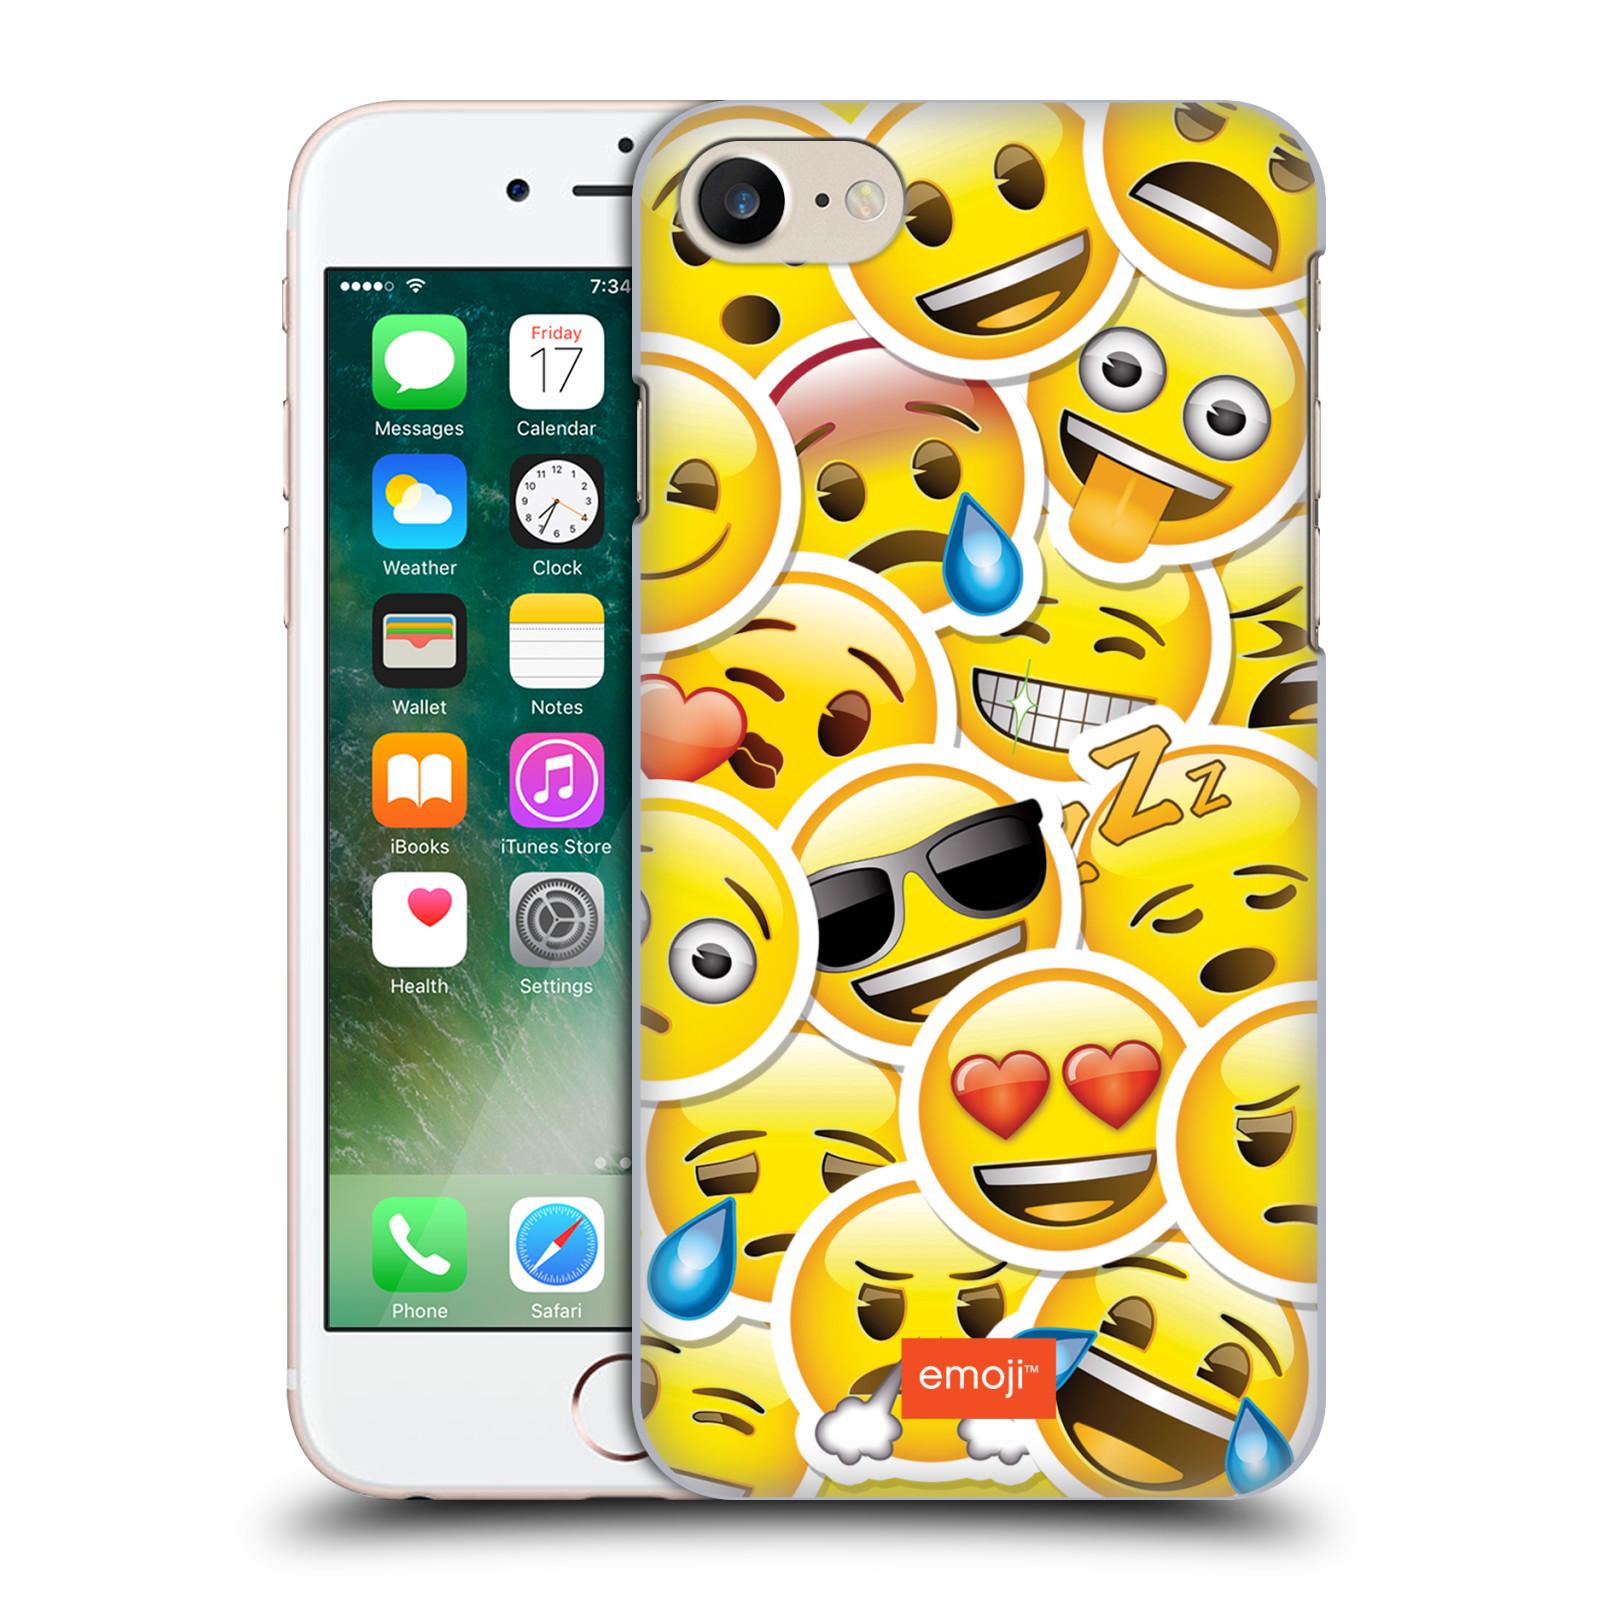 Plastové pouzdro na mobil Apple iPhone 7 HEAD CASE EMOJI - Velcí smajlíci ZZ